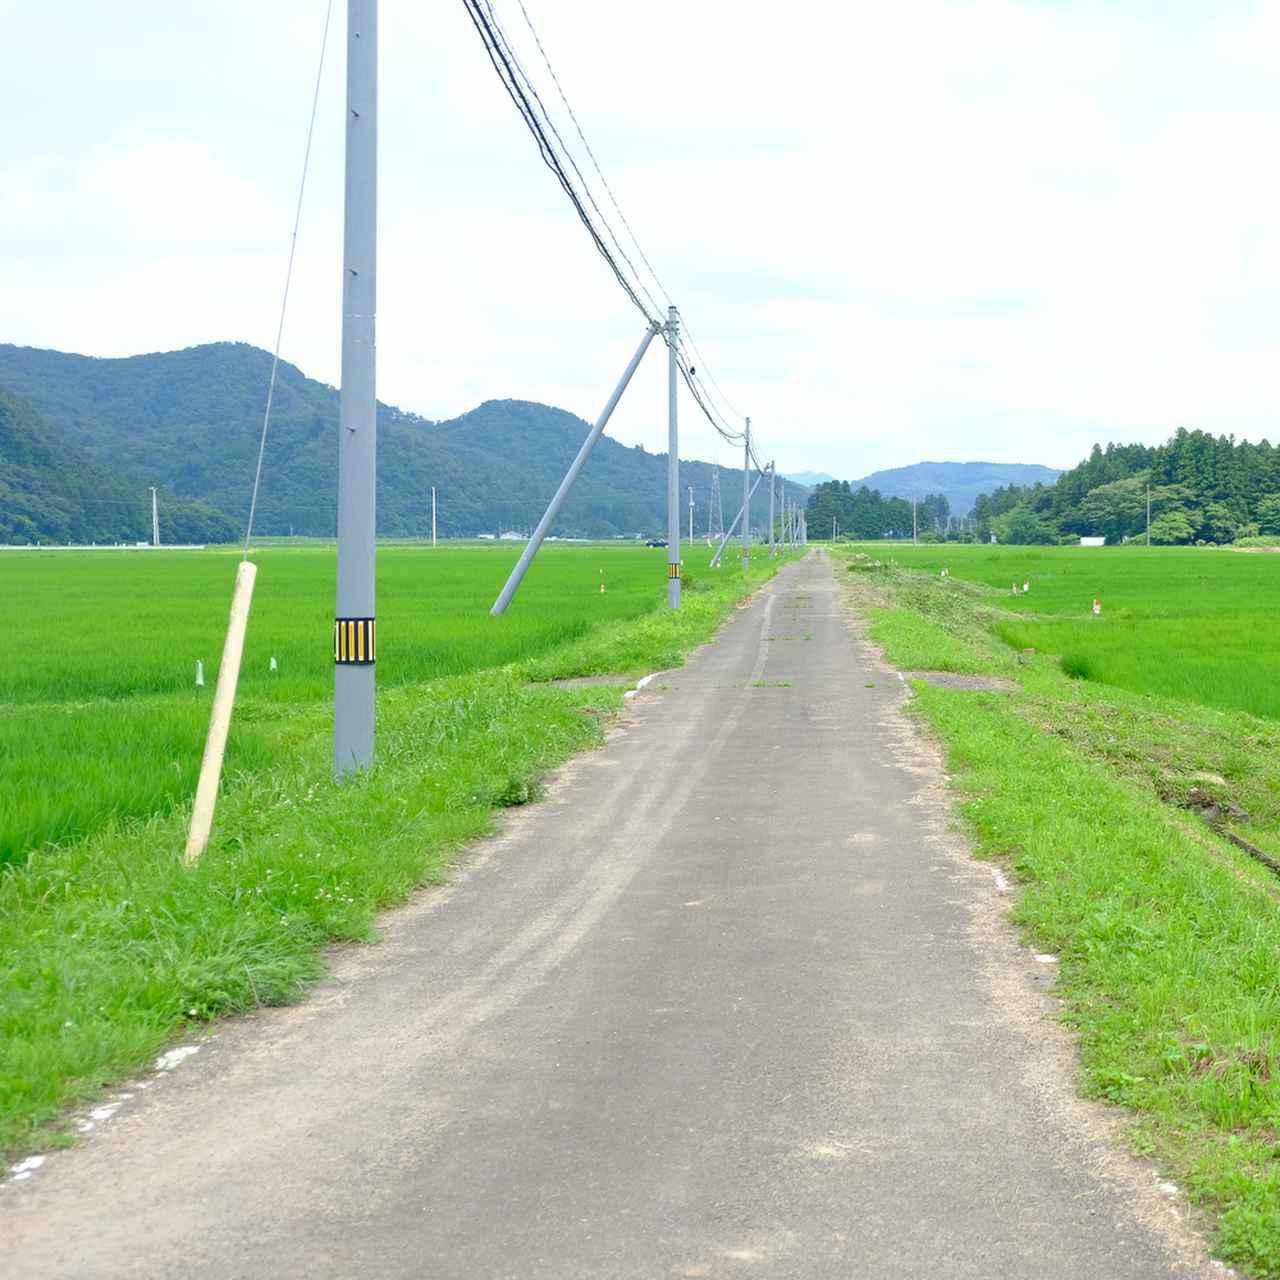 画像: 太田とうふ店を出てのどかな田んぼの一本道。私にとってはこれが非日常!米どころ宮城の「ひとめぼれ」に囲まれて、ペダルを踏む足にも力が入ります。